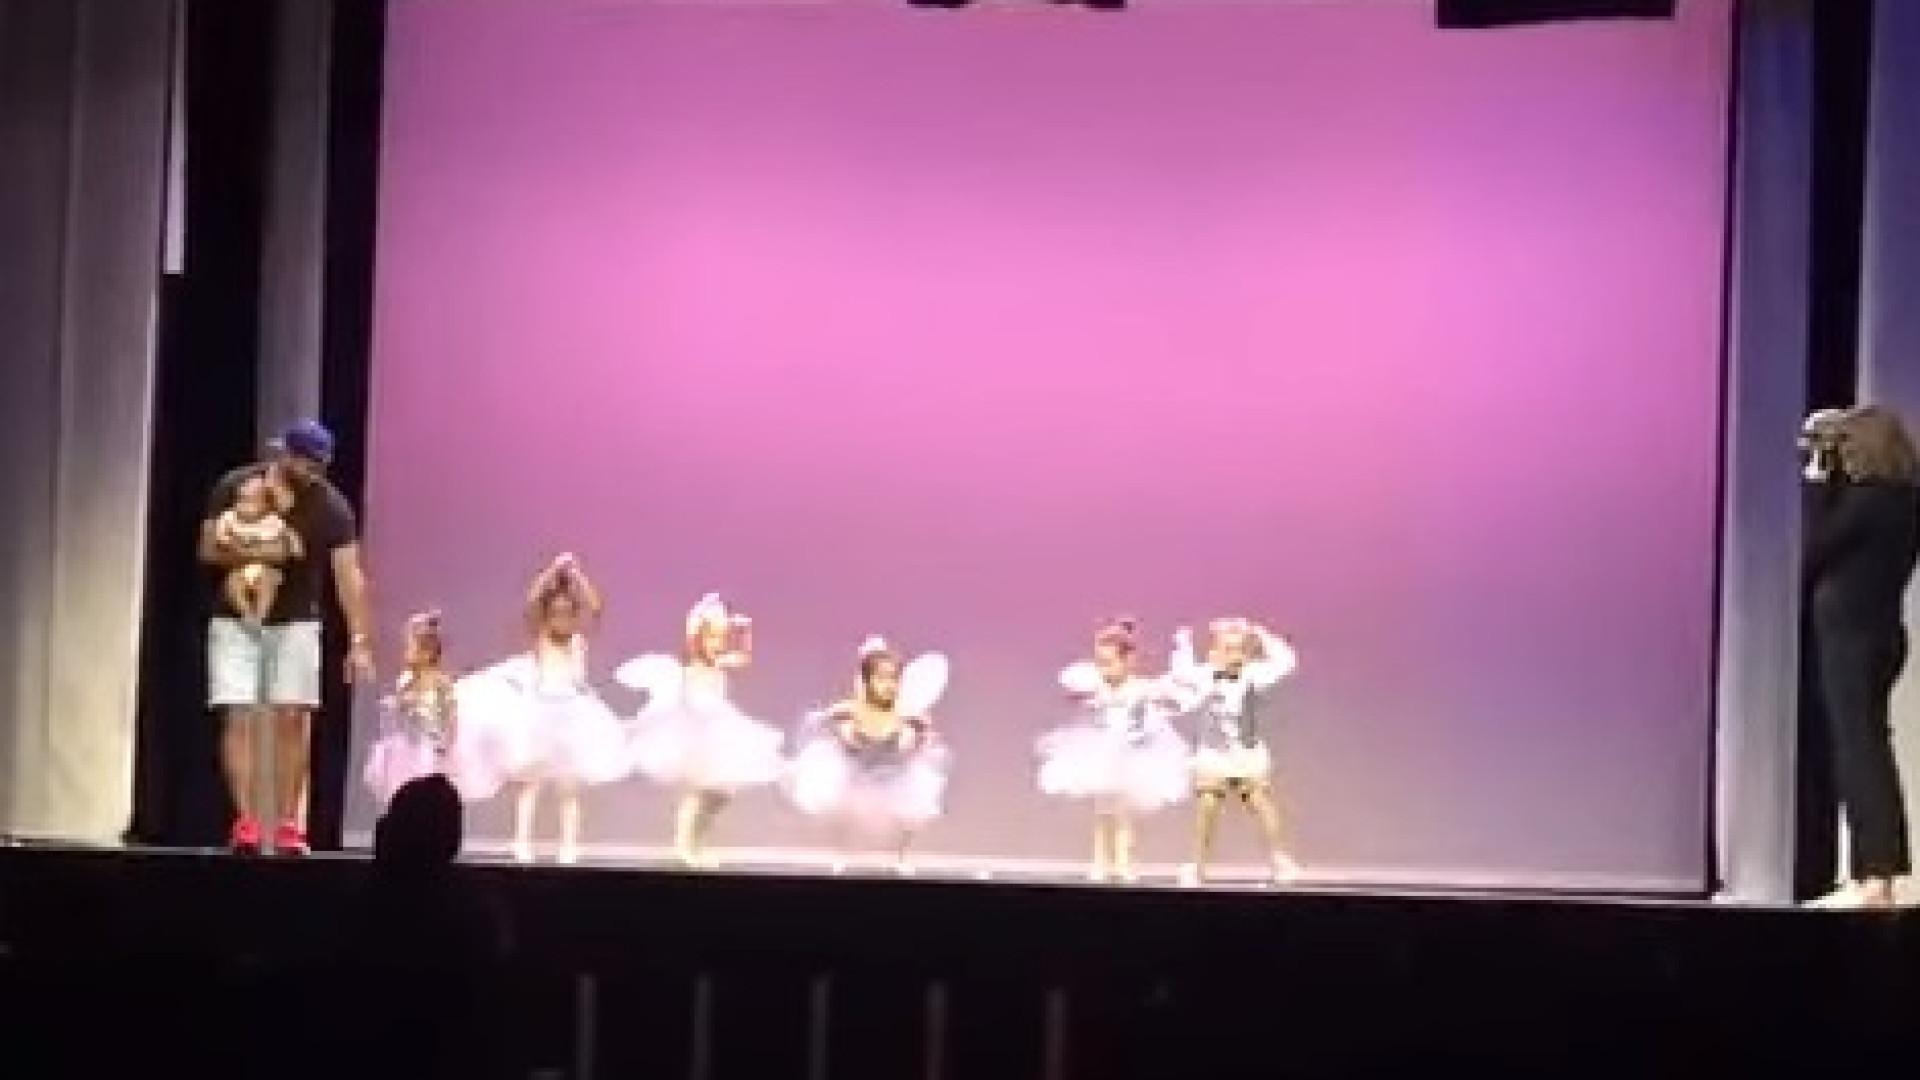 Pai sobe ao palco para 'salvar' atuação da filha em espetáculo de ballet